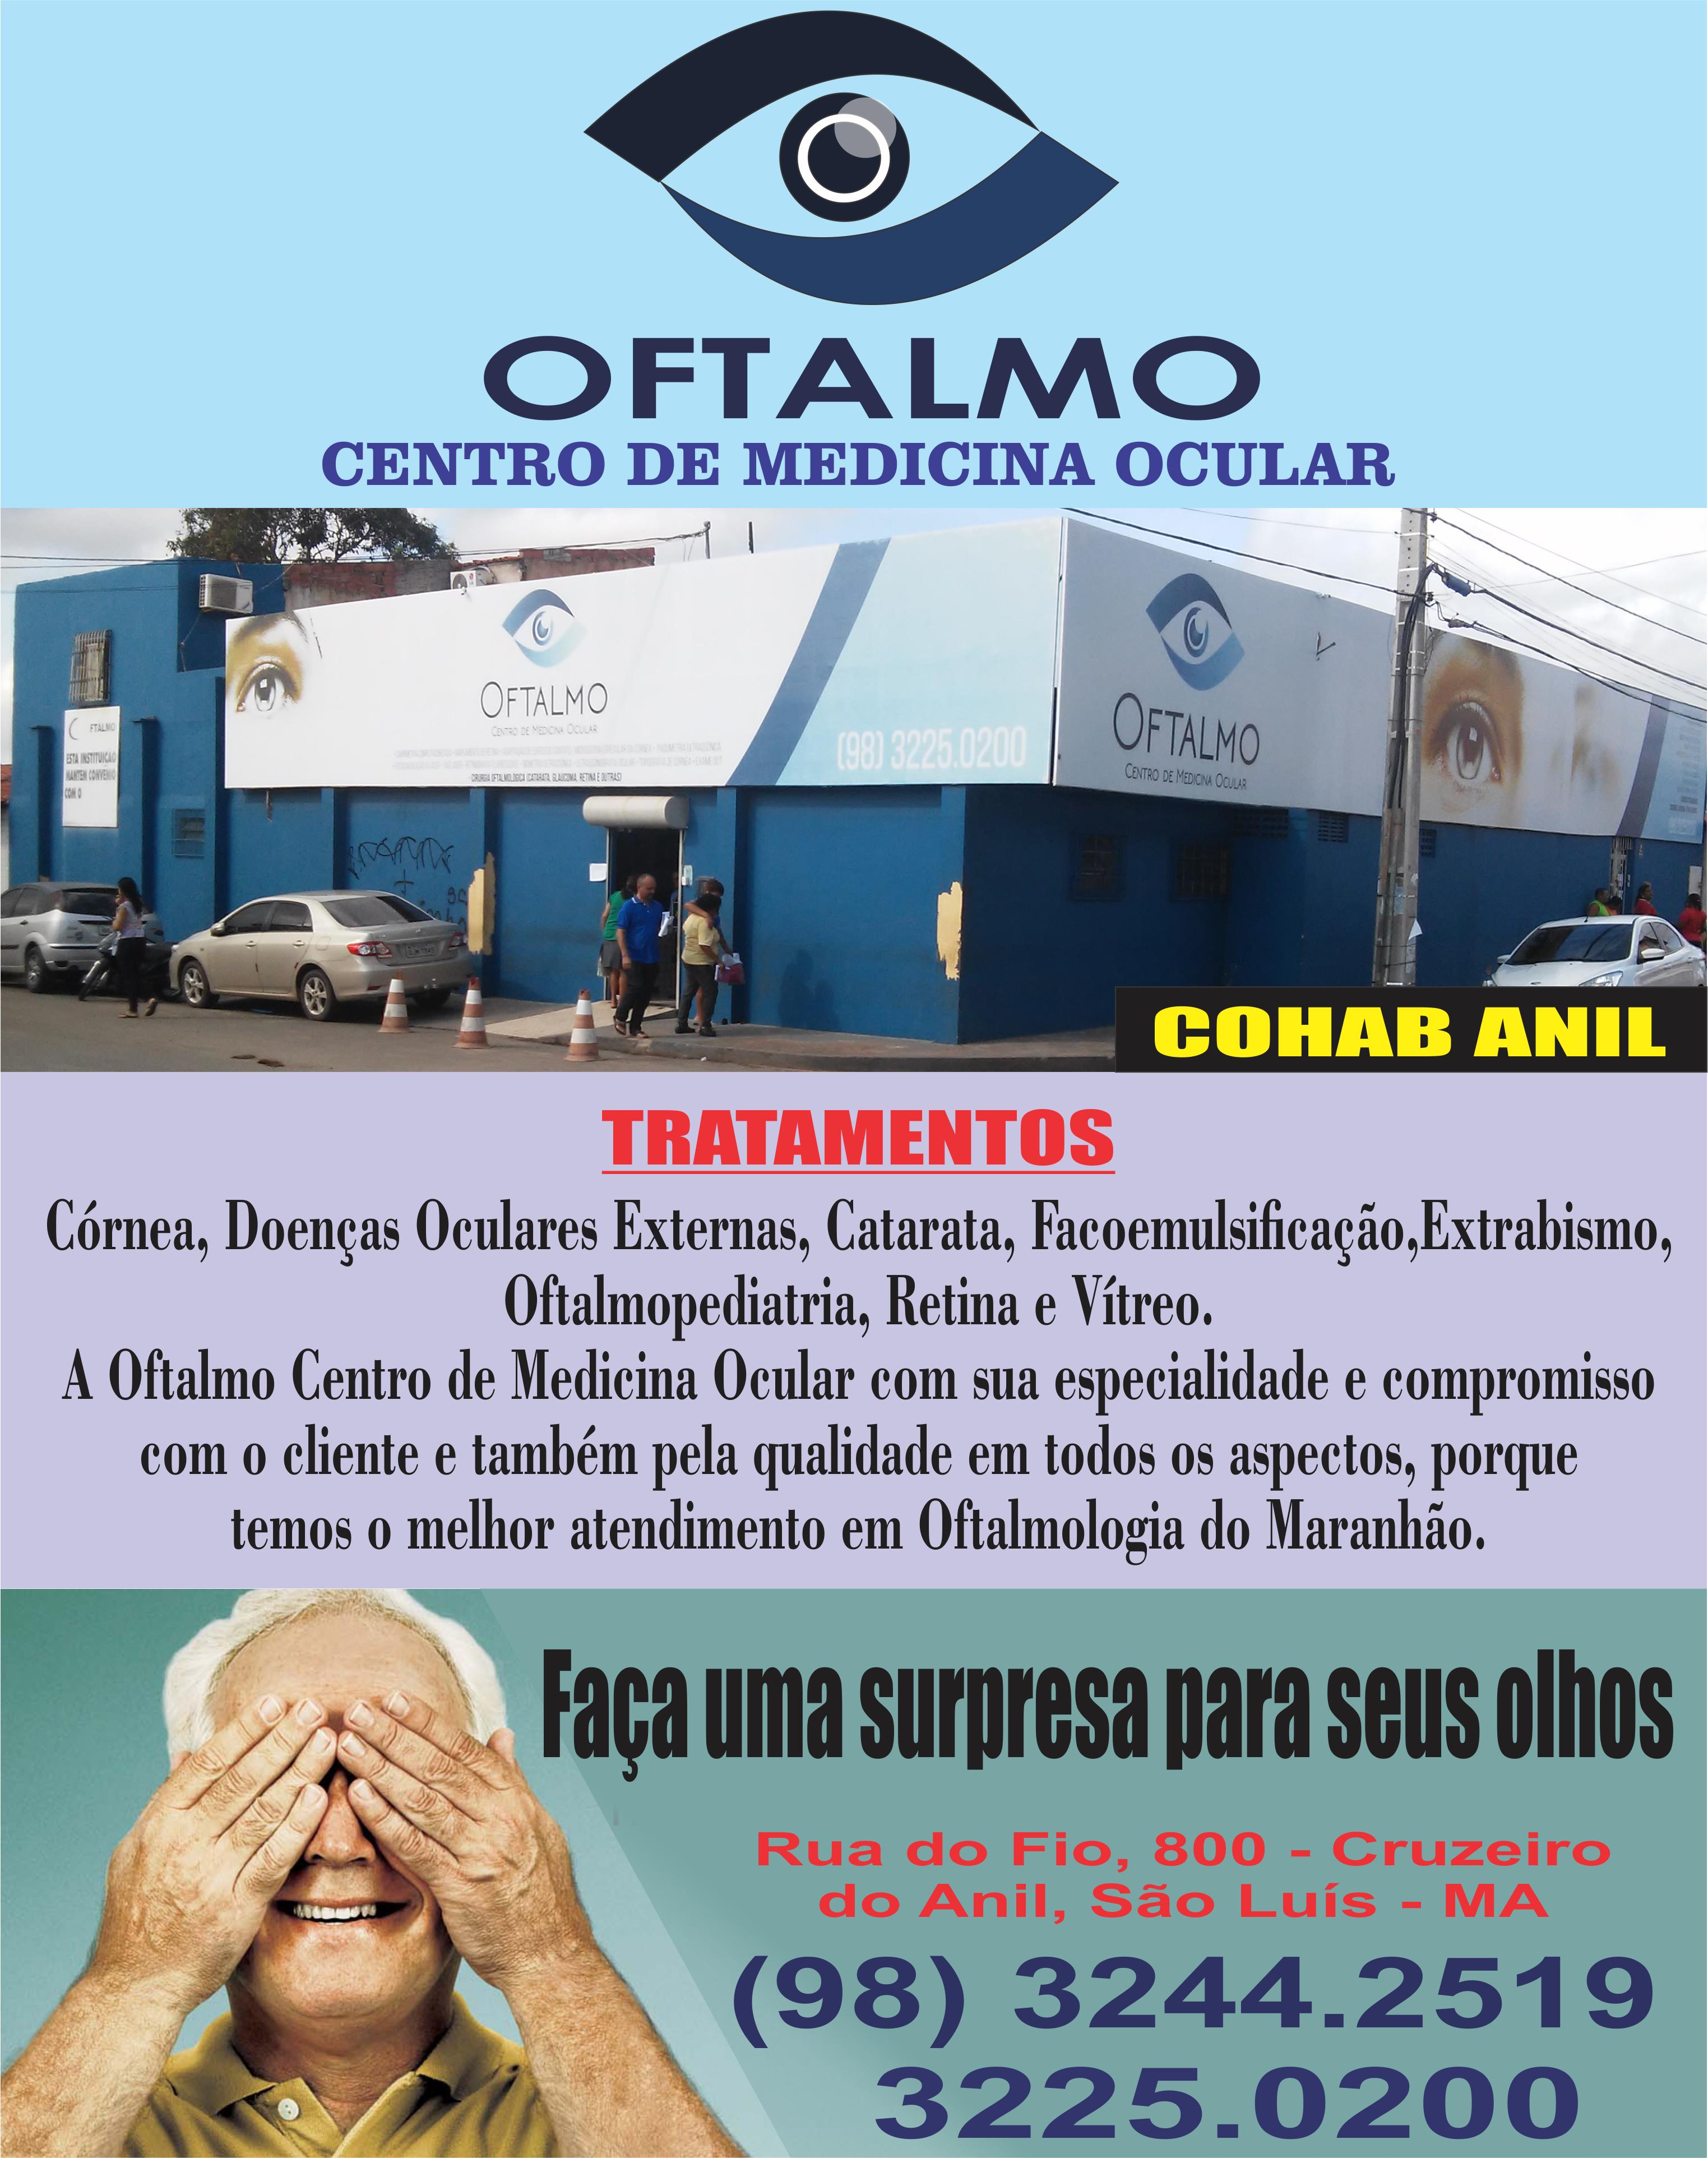 INFORMATIVO – Oftalmo Centro de Medicina Ocular